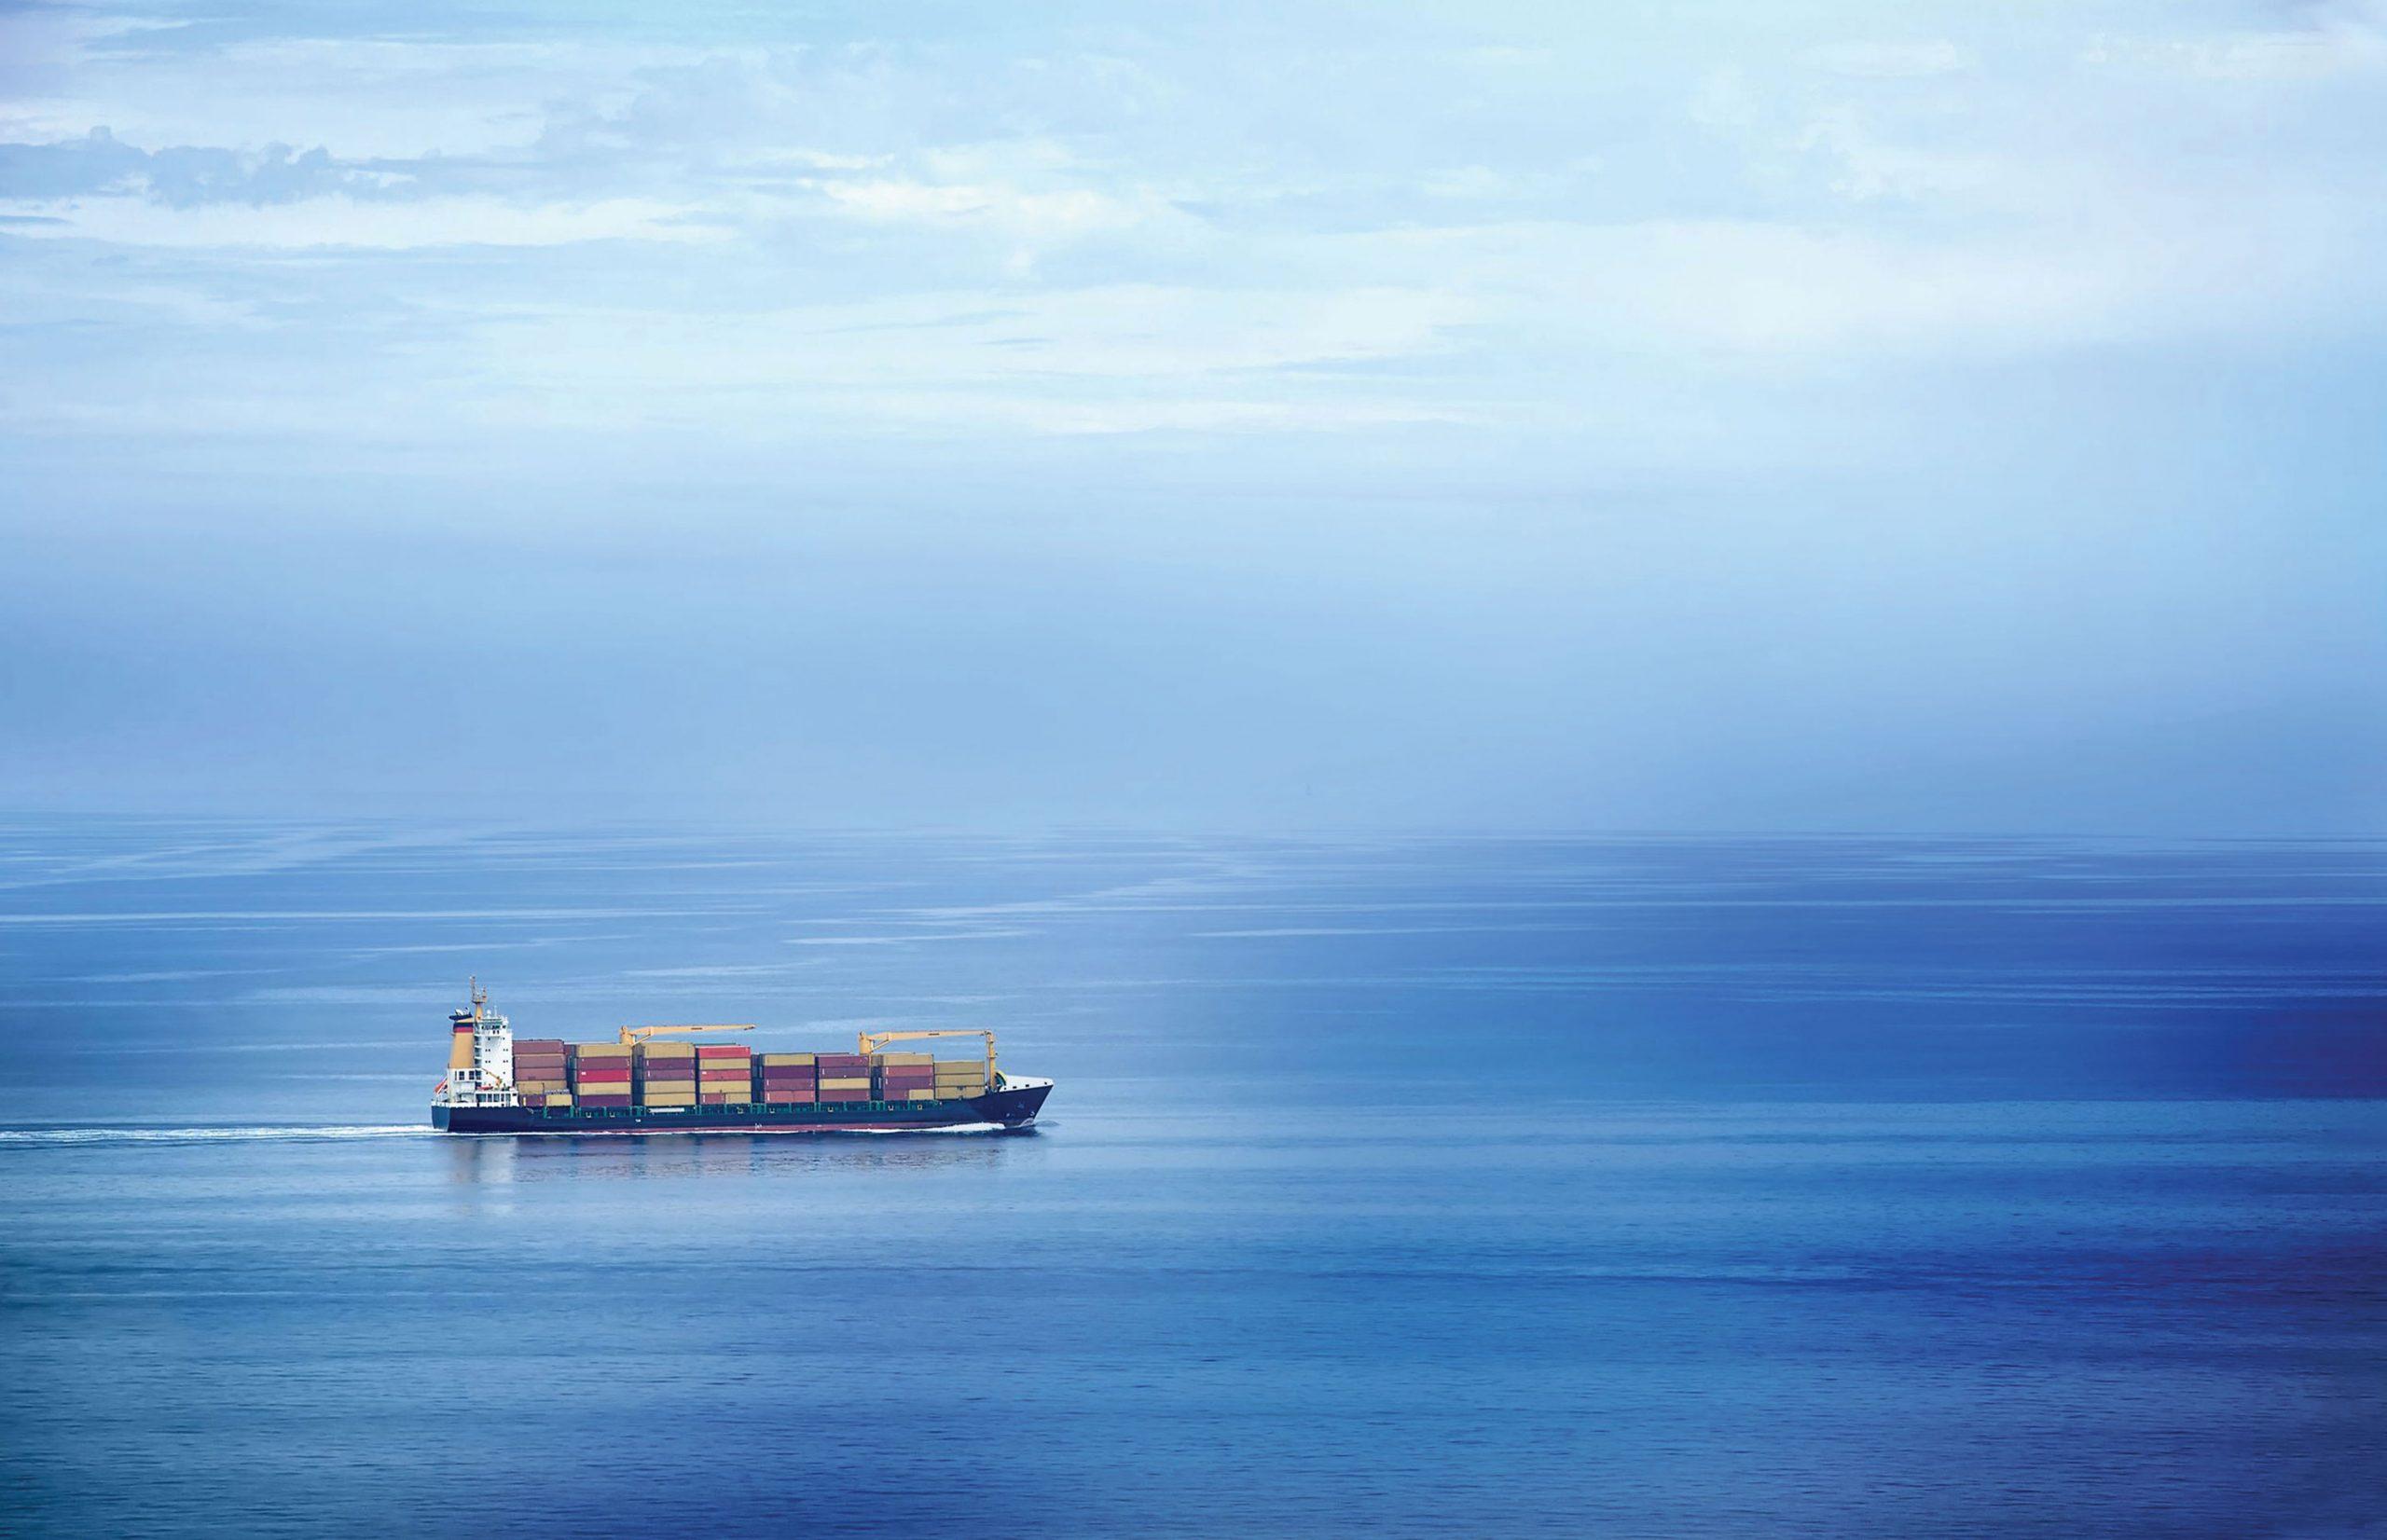 Wärtsiläの舶用4ストローク ディーゼル エンジンは現在運航されている船舶の半数以上に搭載され、世界中の海で使用されています。(Image© Wärtsilä)